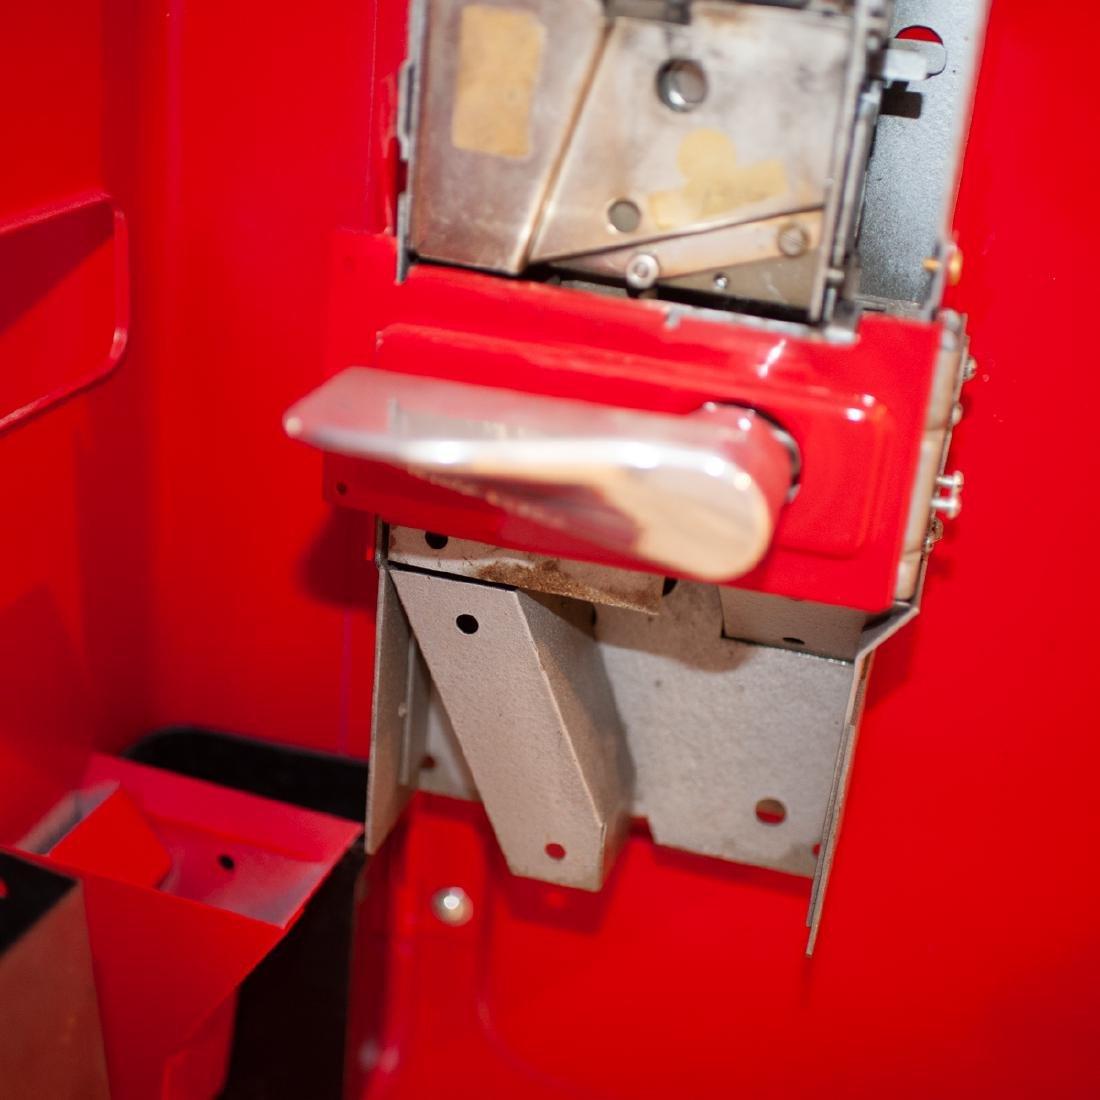 Coca-Cola Vendo 81 Vending Machine - 8